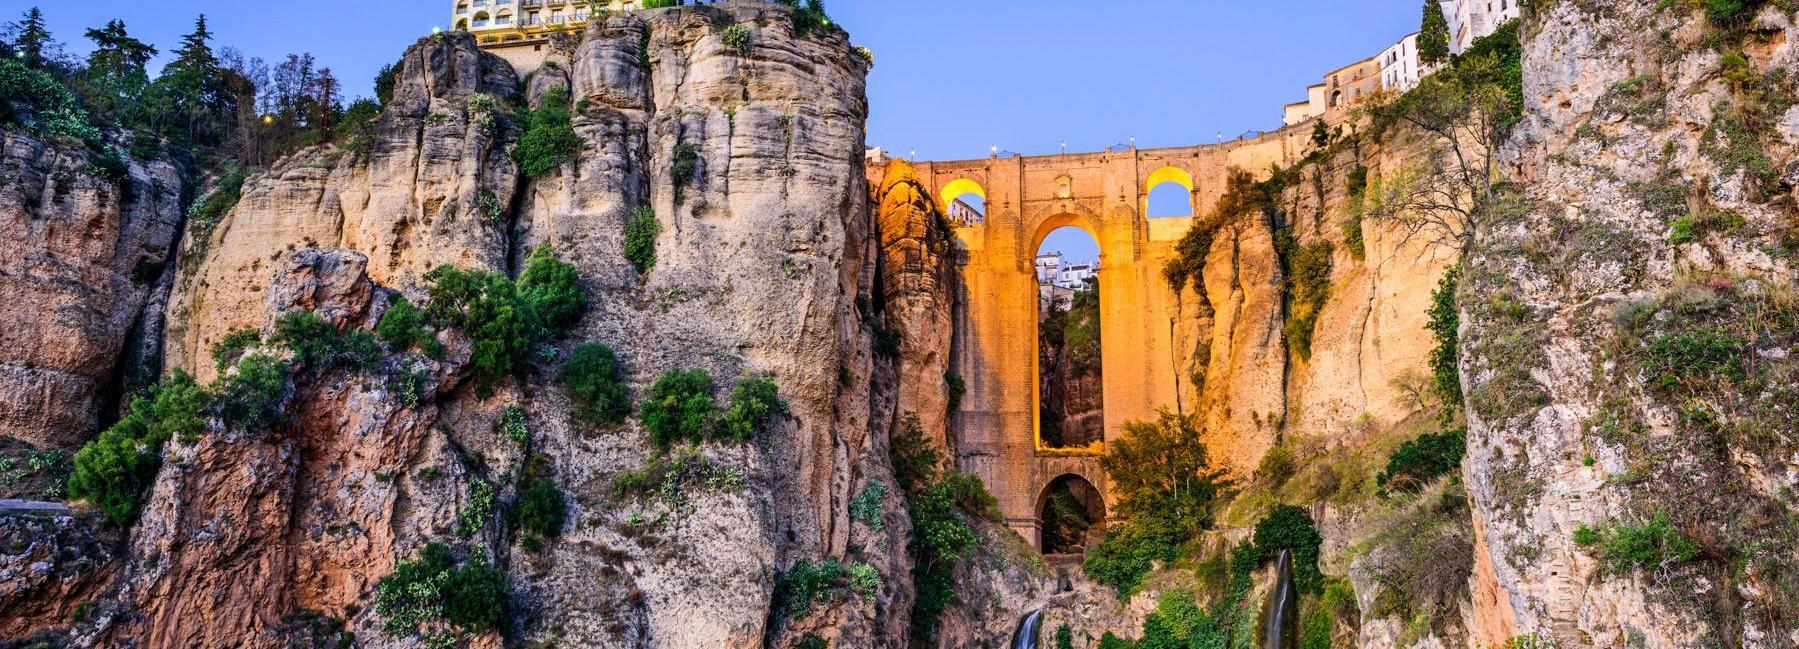 Depuis Malaga: Ronda et Setenil de las Bodegas